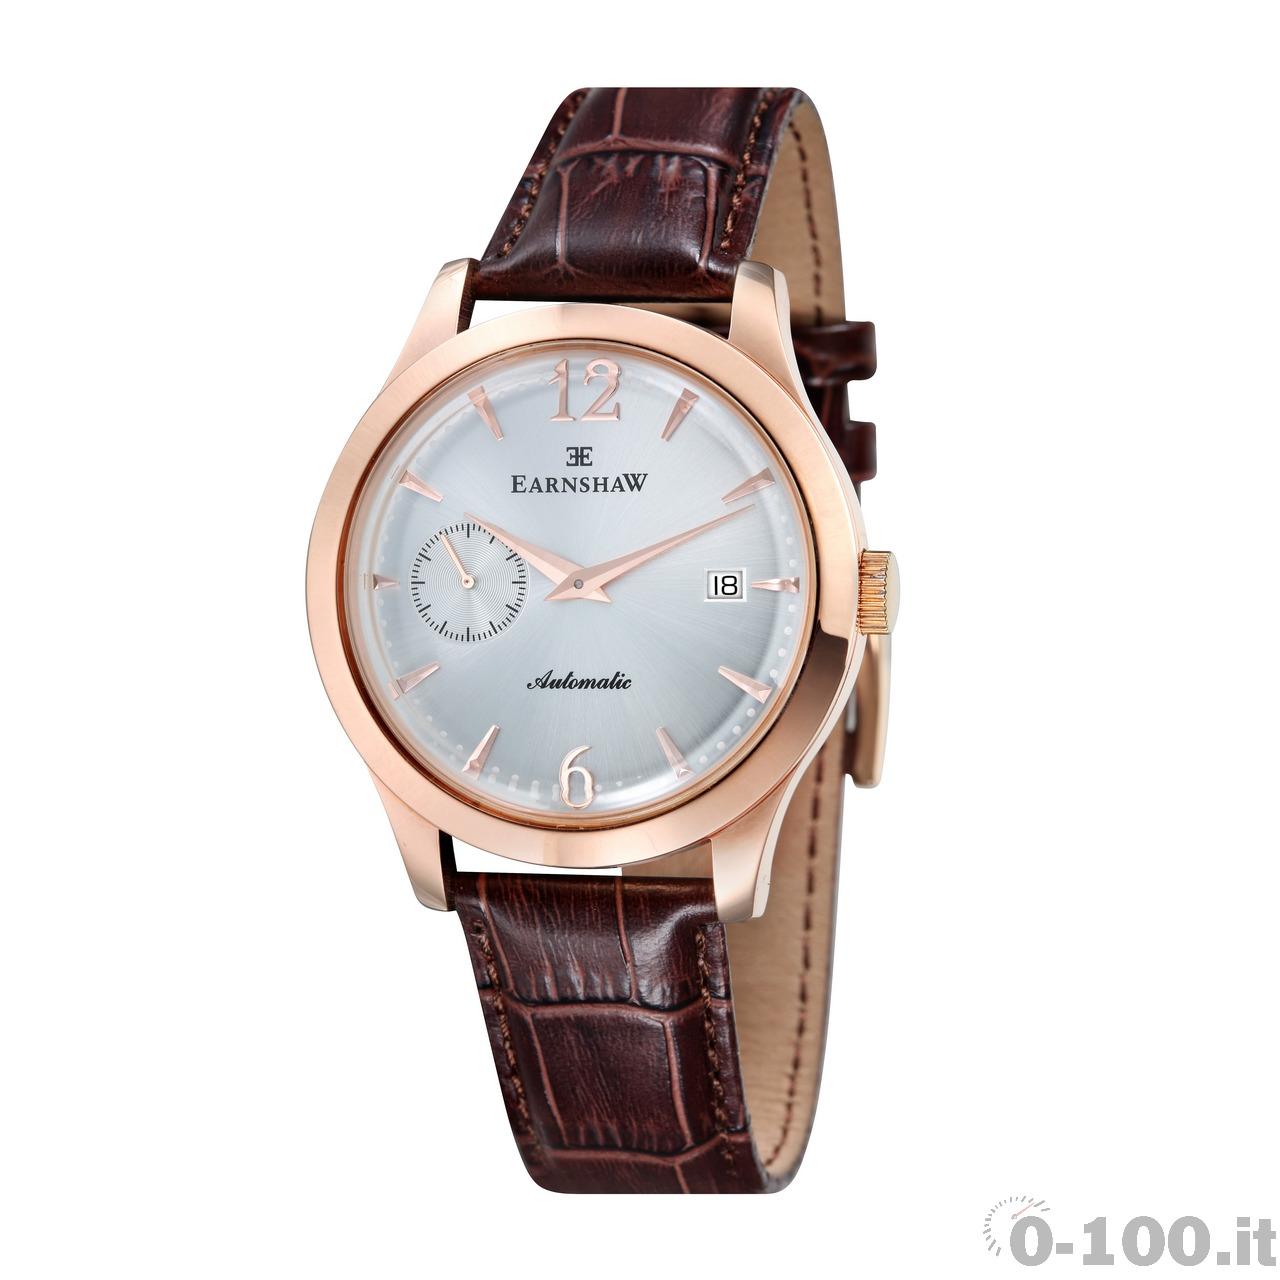 thomas-earnshaw-collezione-plymouth-prezzo-price_0-1003